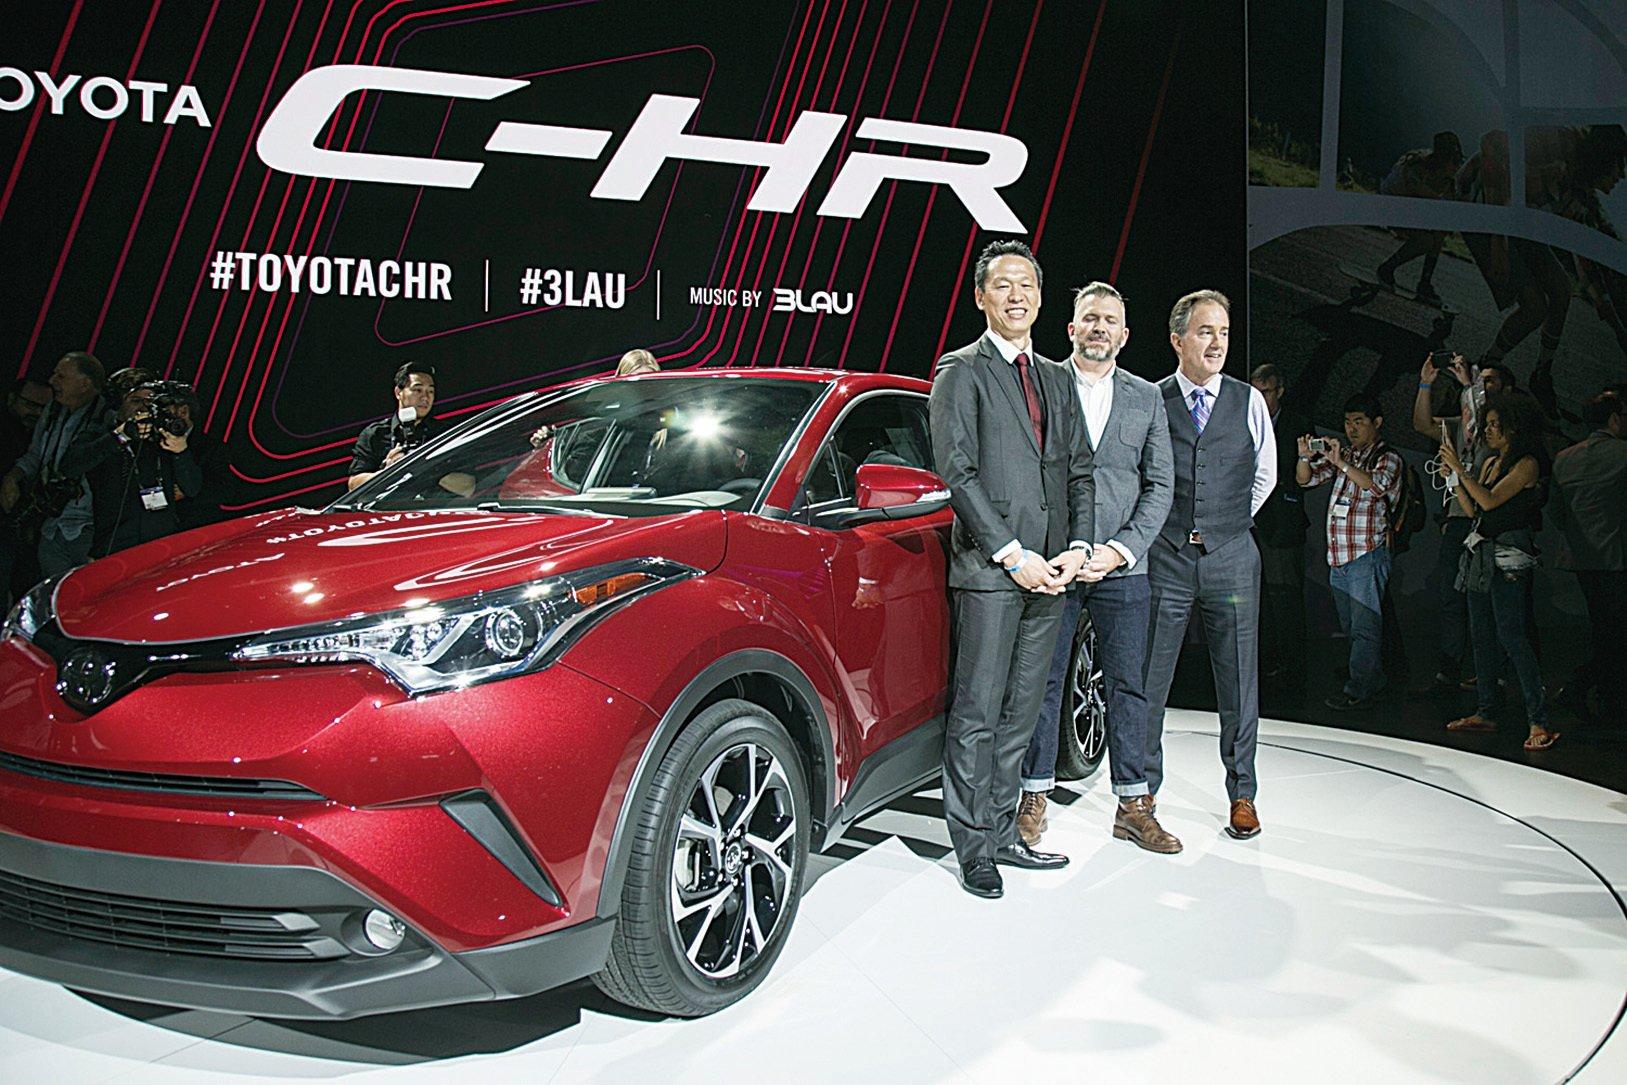 左起:項目總工程師古場博之、外型設計師Ian Cartabiano及豐田副總裁Bill Fay在洛杉磯車展的C-HR發佈會上。(曹景哲/大紀元)